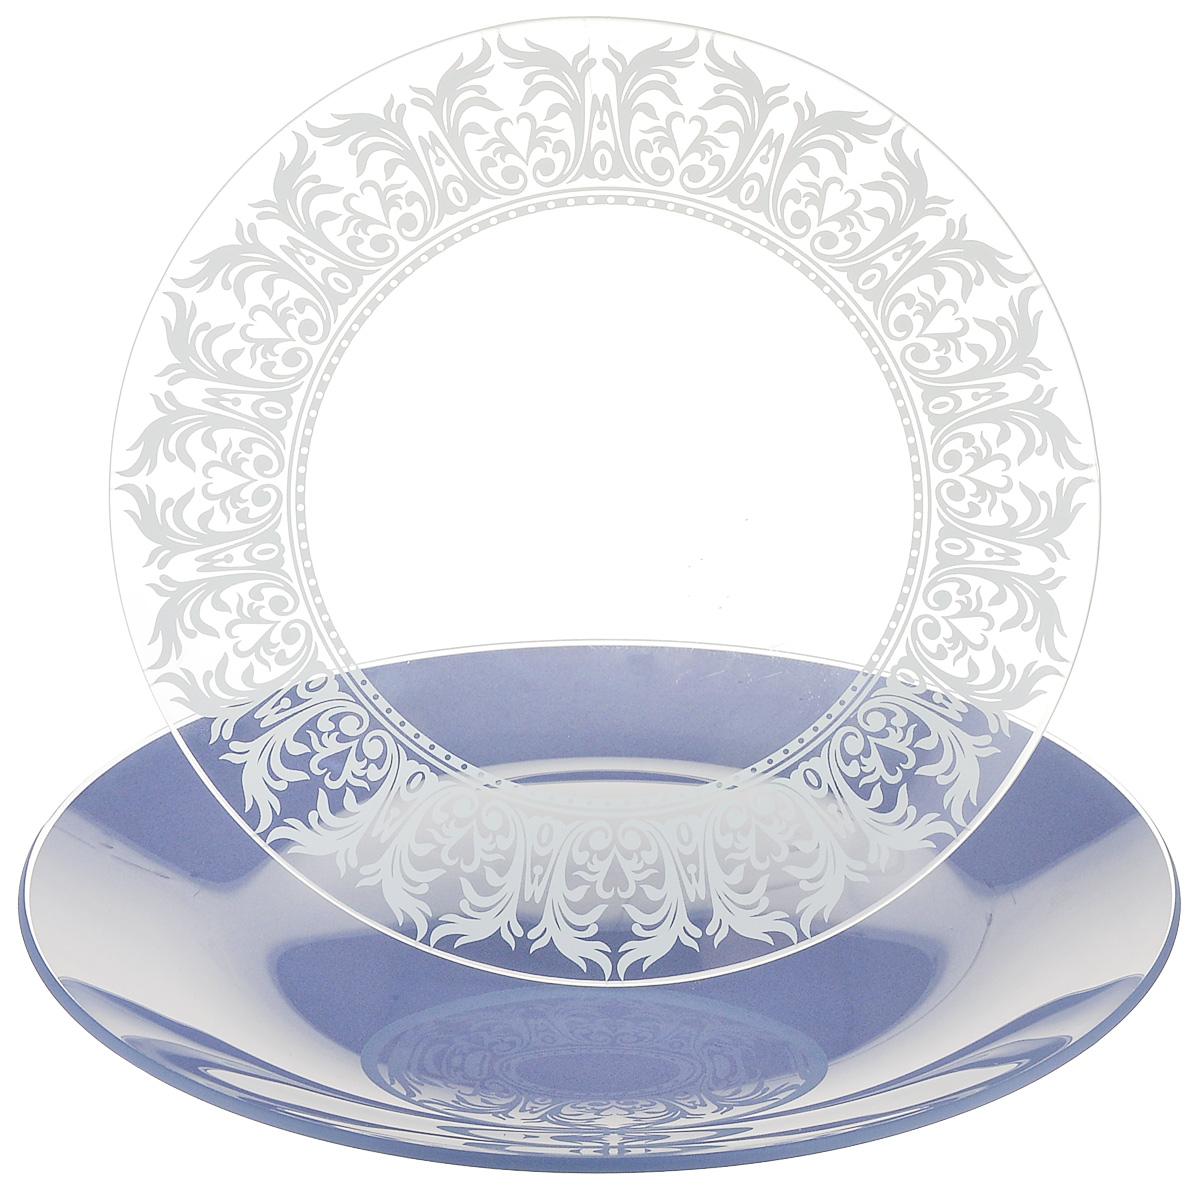 Набор тарелок NiNaGlass, цвет: голубой, диаметр 20 см, 2 шт. 85-200-144пс85-200-144псНабор тарелок NiNaGlass Кружево и Палитра выполнена из высококачественного стекла, декорирована под Вологодское кружево и подстановочная тарелка яркий насыщенный цвет. Набор идеален для подачи горячих блюд, сервировки праздничного стола, нарезок, салатов, овощей и фруктов. Он отлично подойдет как для повседневных, так и для торжественных случаев. Такой набор прекрасно впишется в интерьер вашей кухни и станет достойным дополнением к кухонному инвентарю.